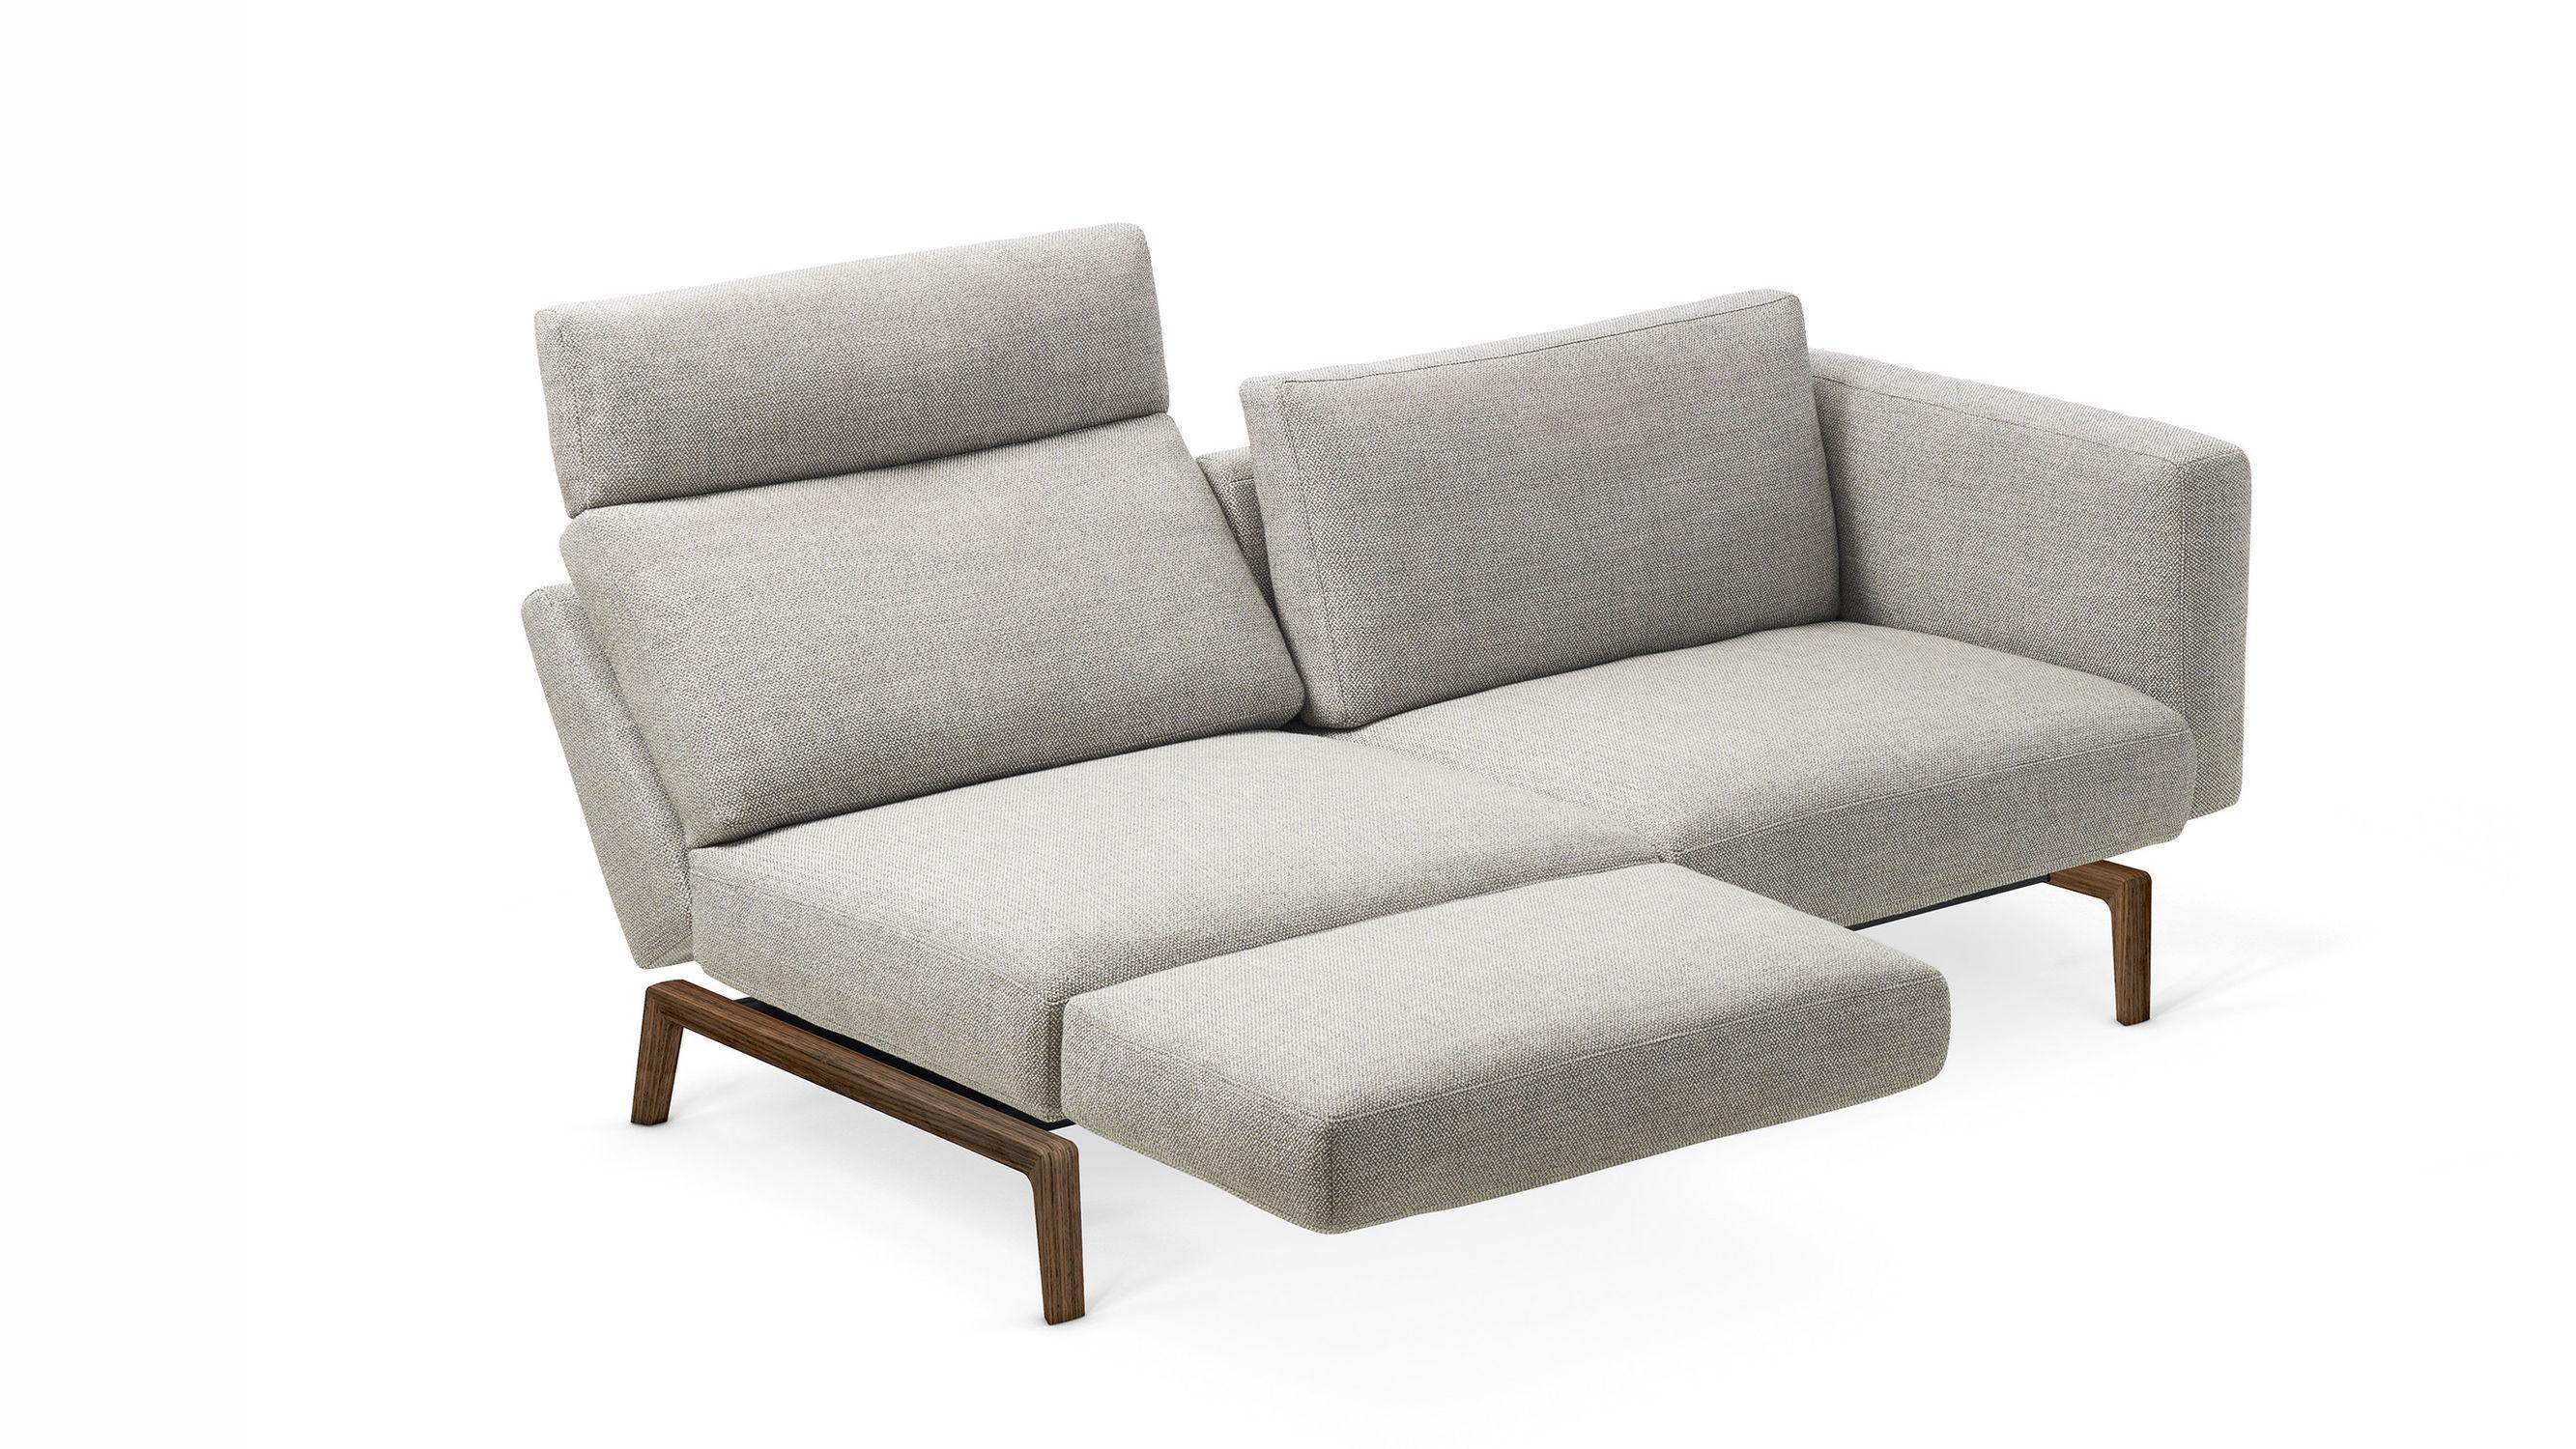 Modernes Sofa / Leder / Stoff / 2 Plätze - 1424 SMART by Werner ...